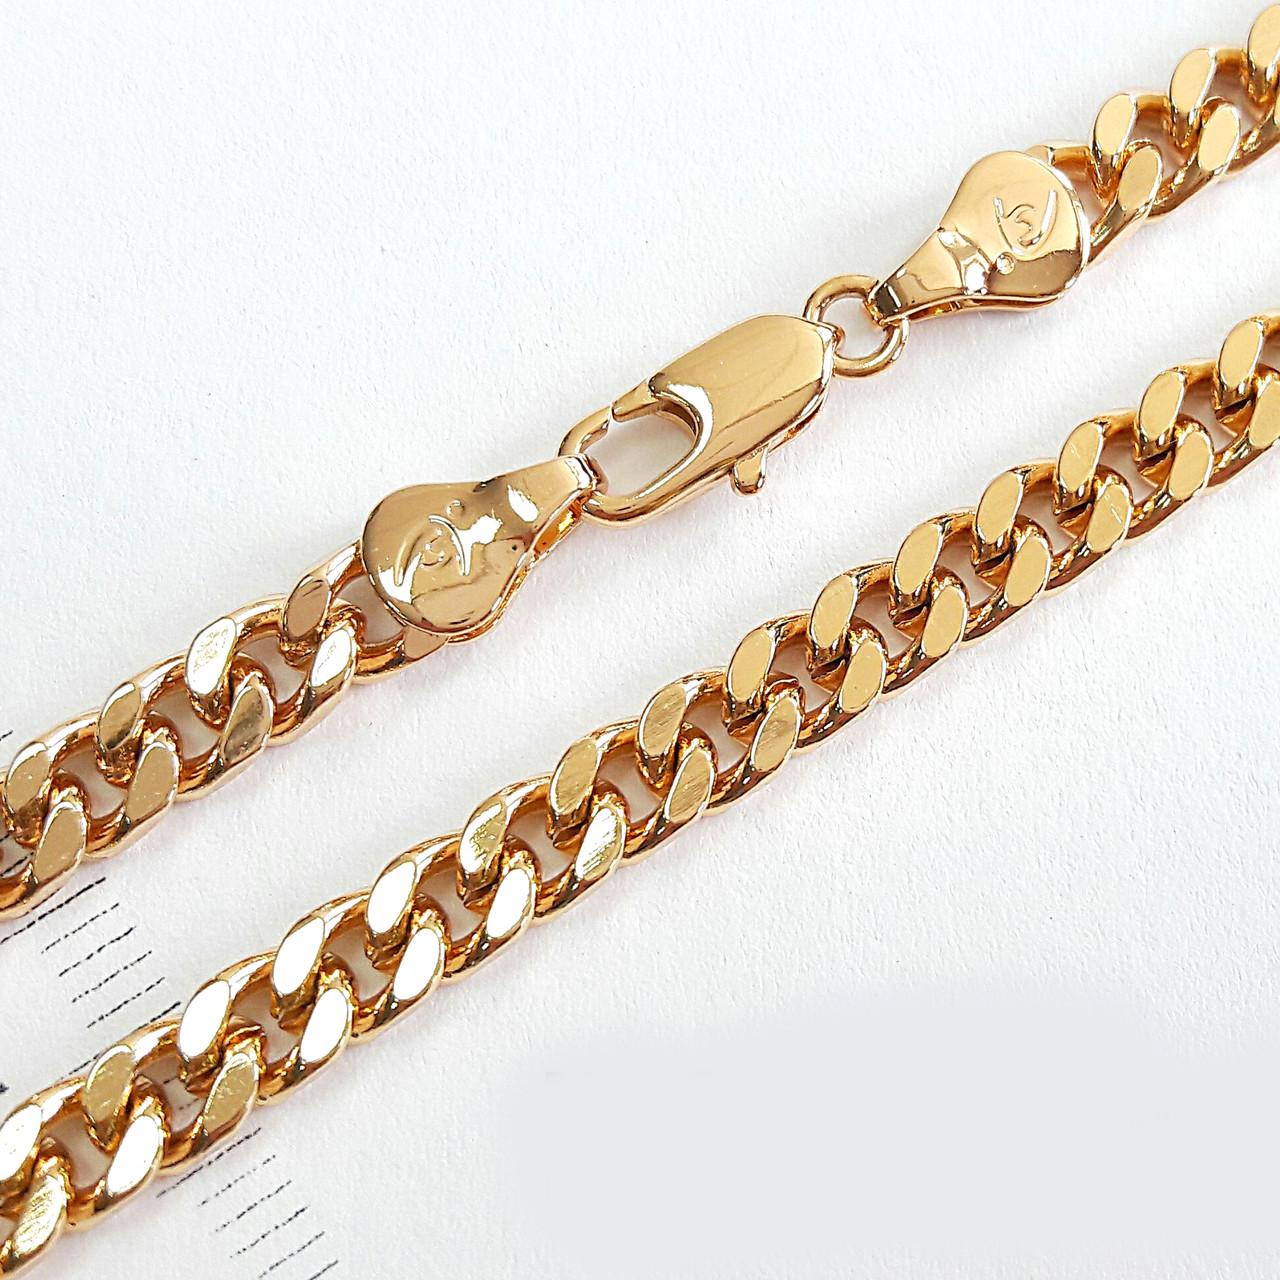 Ланцюжок xuping 5мм 50см панцирні плетіння ц657